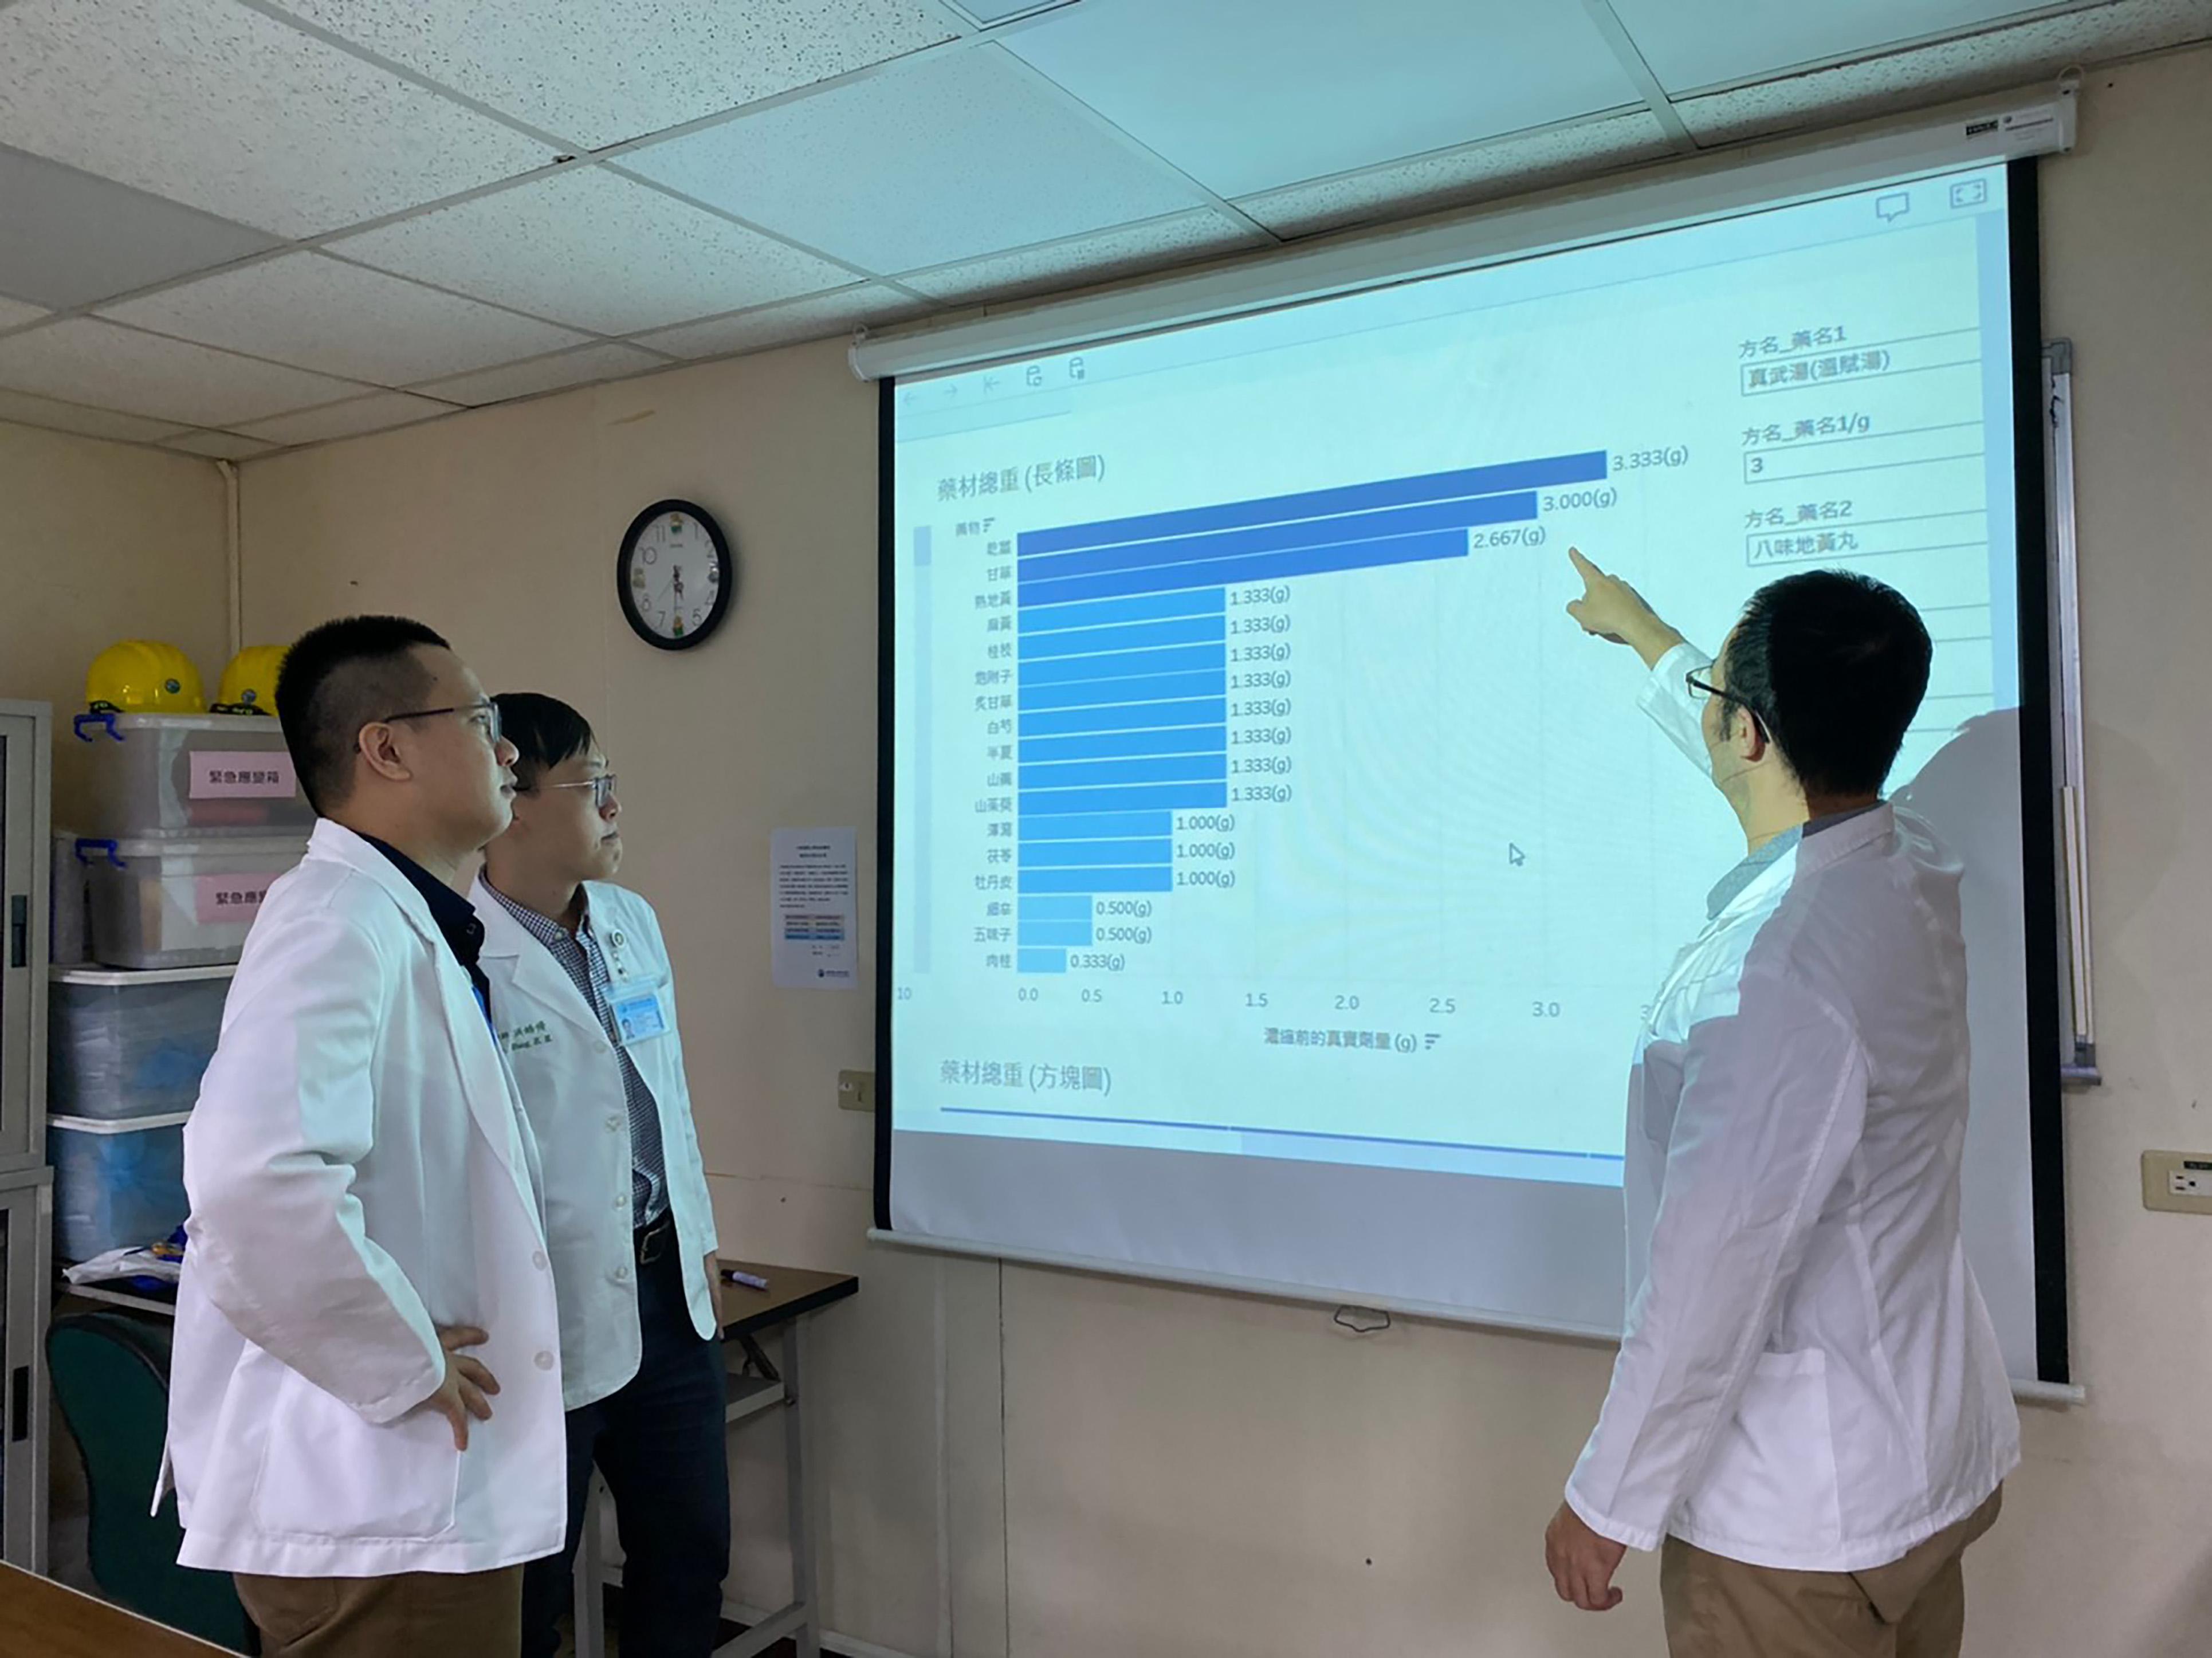 研發照片5_系統測試:中醫大團隊測試劑量換算功能長條圖